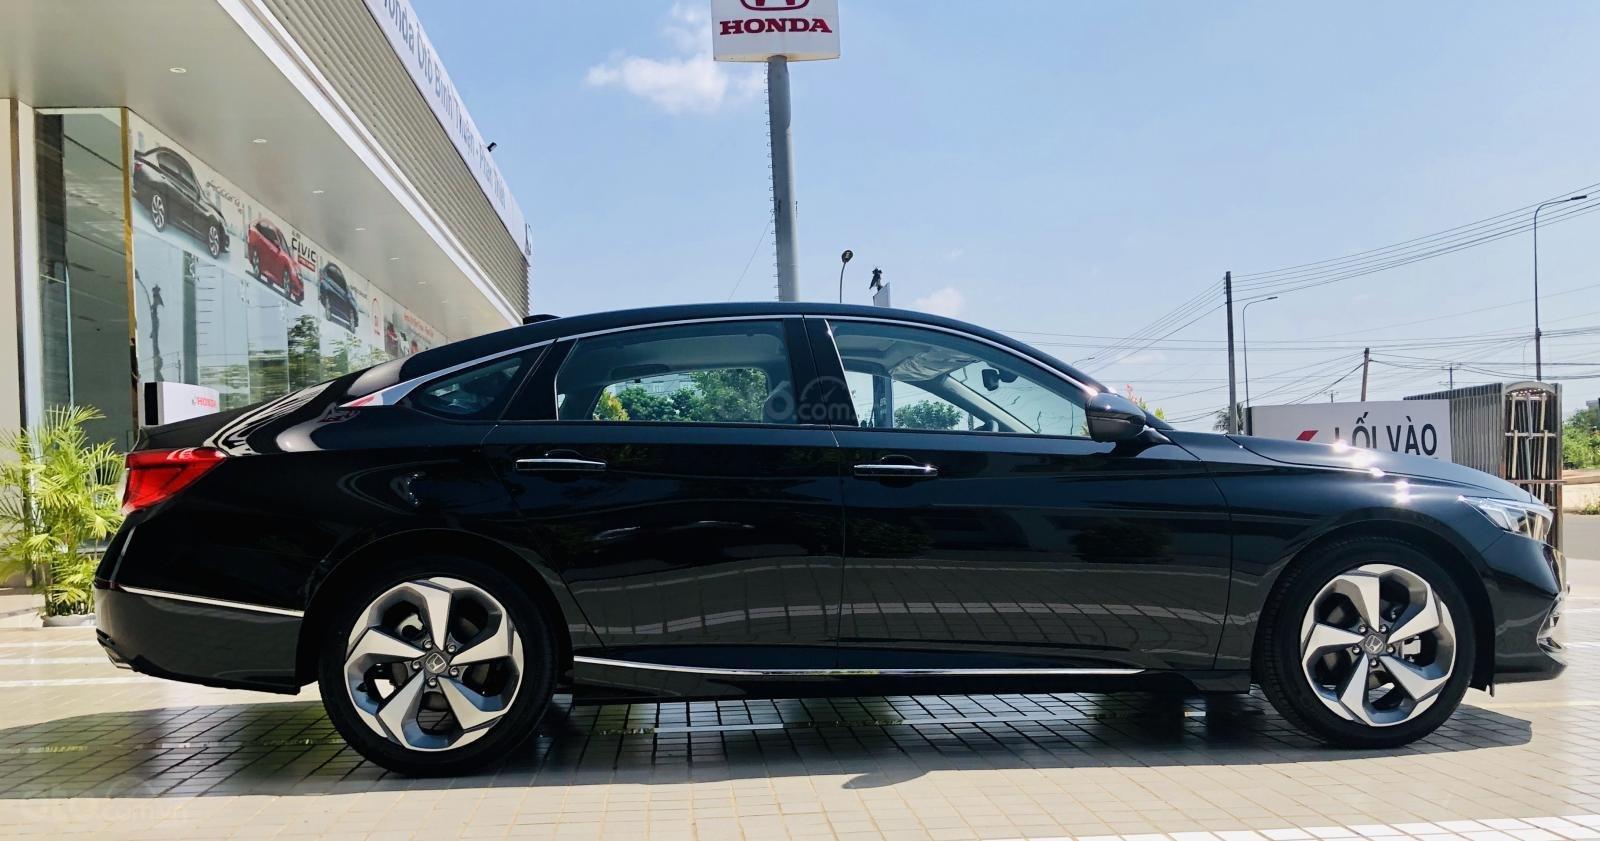 Honda Accord 2020 đủ màu, giao ngay, giảm tiền mặt khủng, hỗ trợ thuế trước bạ, nhận xe chỉ với 390tr (4)